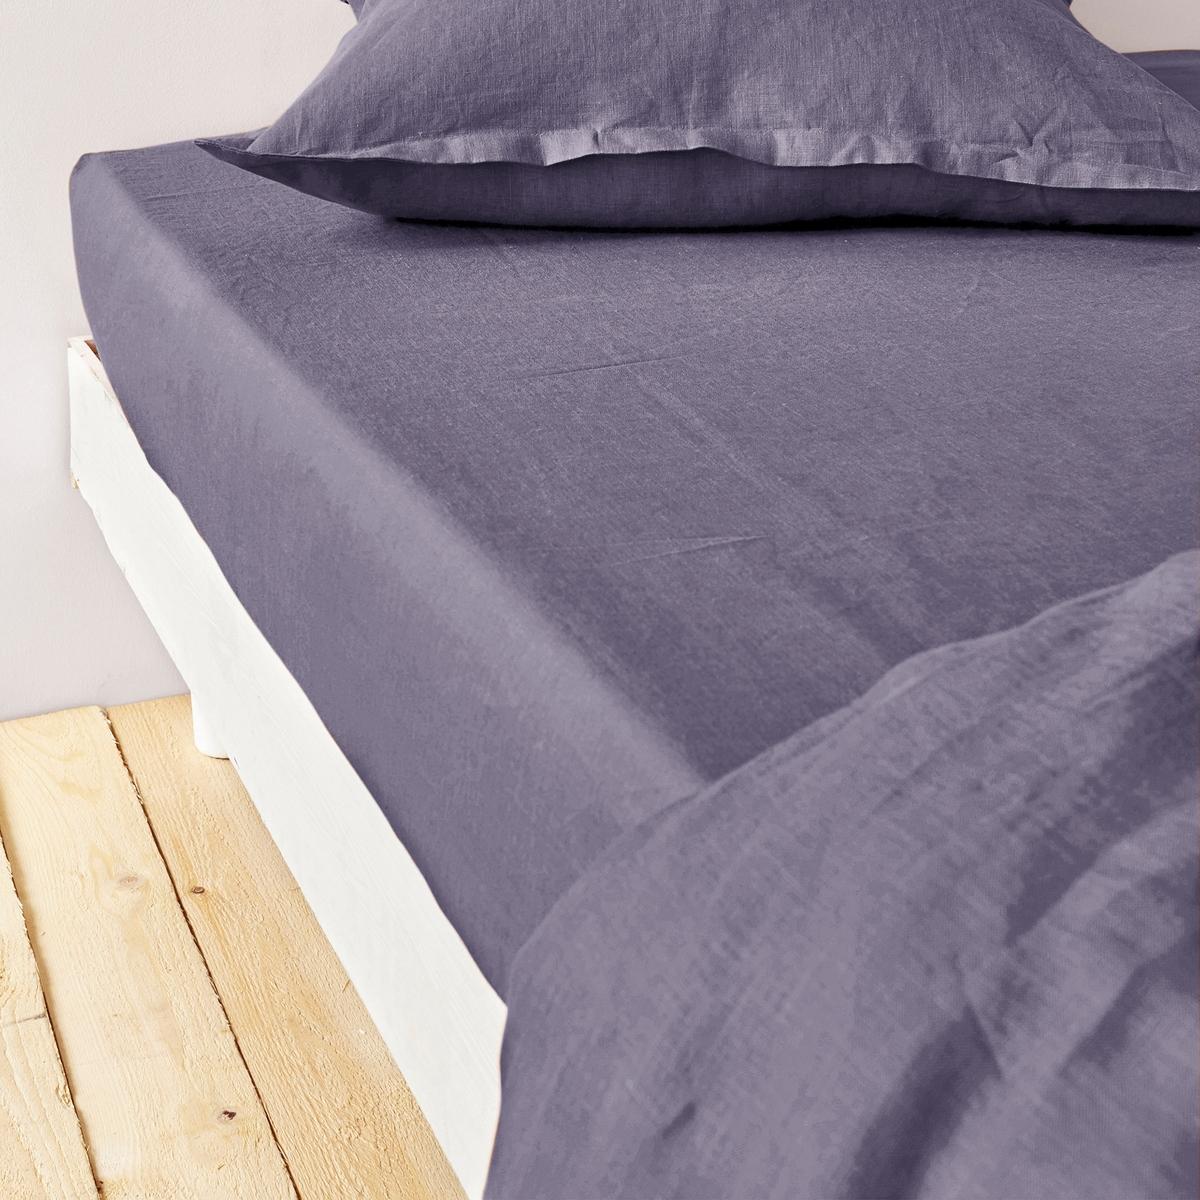 Натяжная простыня из 100% льна светлого цветаНатяжная простыня качества BEST из льняной ткани светлого цвета с жатым эффектом. Какое наслаждение прикоснуться к натяжной простыне изо льна! Она мягкая, лёгкая, прохладная летом и комфортная зимой: Материал натуральный, дышащий и великолепен на ощупь!Роскошная гамма цветов для создания комплекта постельного белья по вашему желанию. Эта простыня будет долго радовать вас своим внешним видом и мягкостью ! Отлично сочетается с однотонным или цветочным рисунком.Клапан 30 см шириной.Машинная стирка при 60 °C.Знак Oeko-Tex® гарантирует, что товары протестированы и сертифицированы, не содержат вредных веществ, которые могли бы нанести вред здоровью. Размер:                                   90 х 190 см                                  180 x 200 см                                   140 x 190 см                                   160 x 200 см<br><br>Цвет: аметист,зелено-синий,темно-коричневый,темно-синий